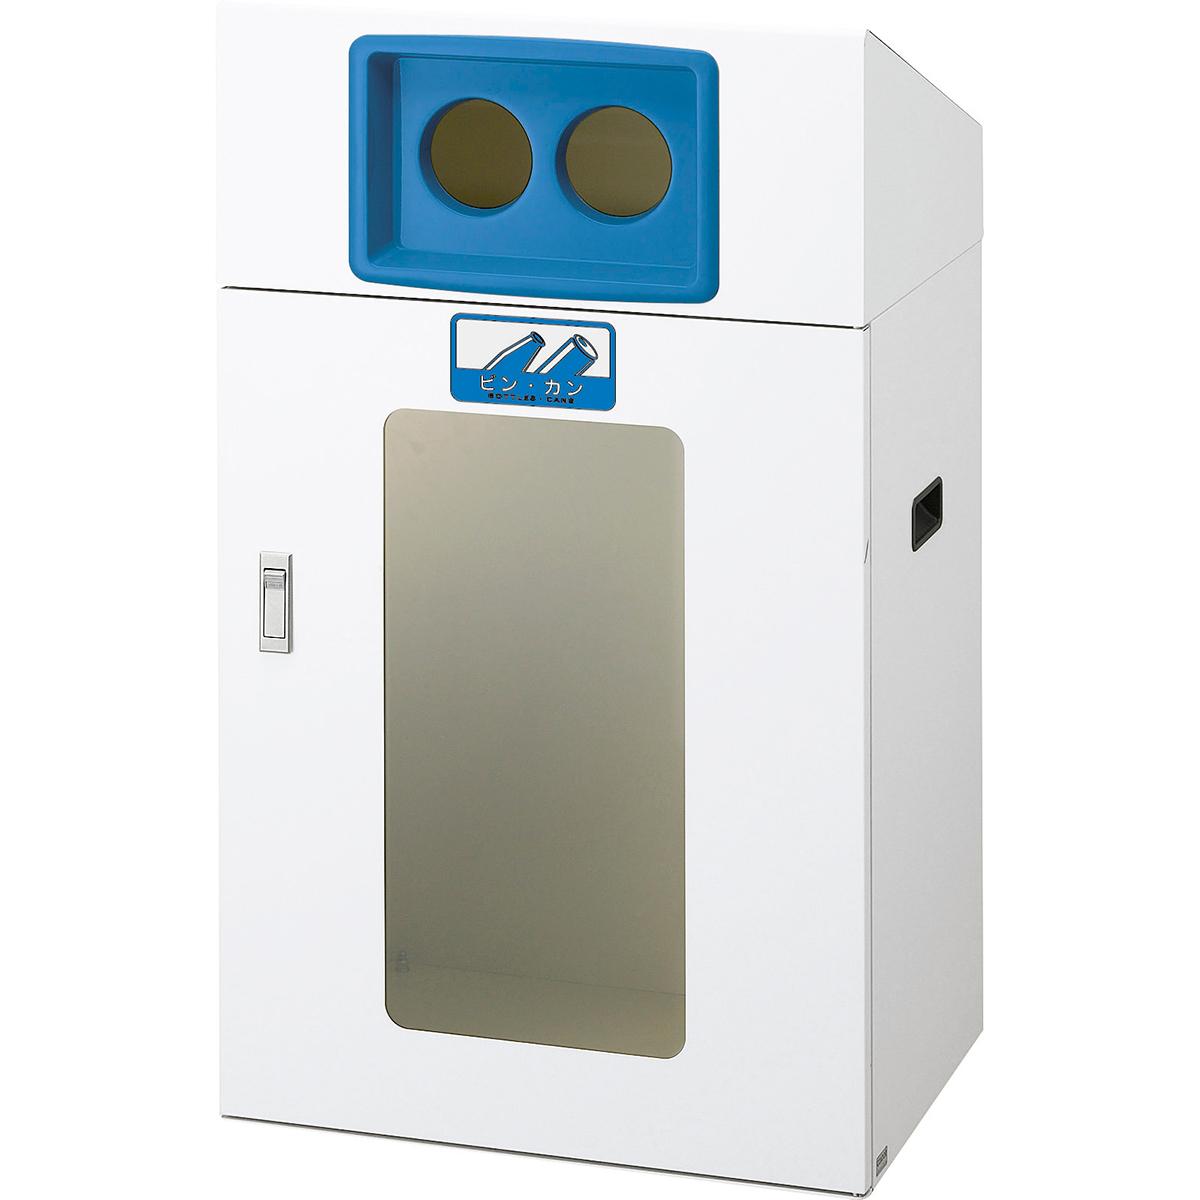 山崎産業 リサイクルボックス YOS-90 120L ビン・カン/BL(青) (代引不可) YW-353L-ID